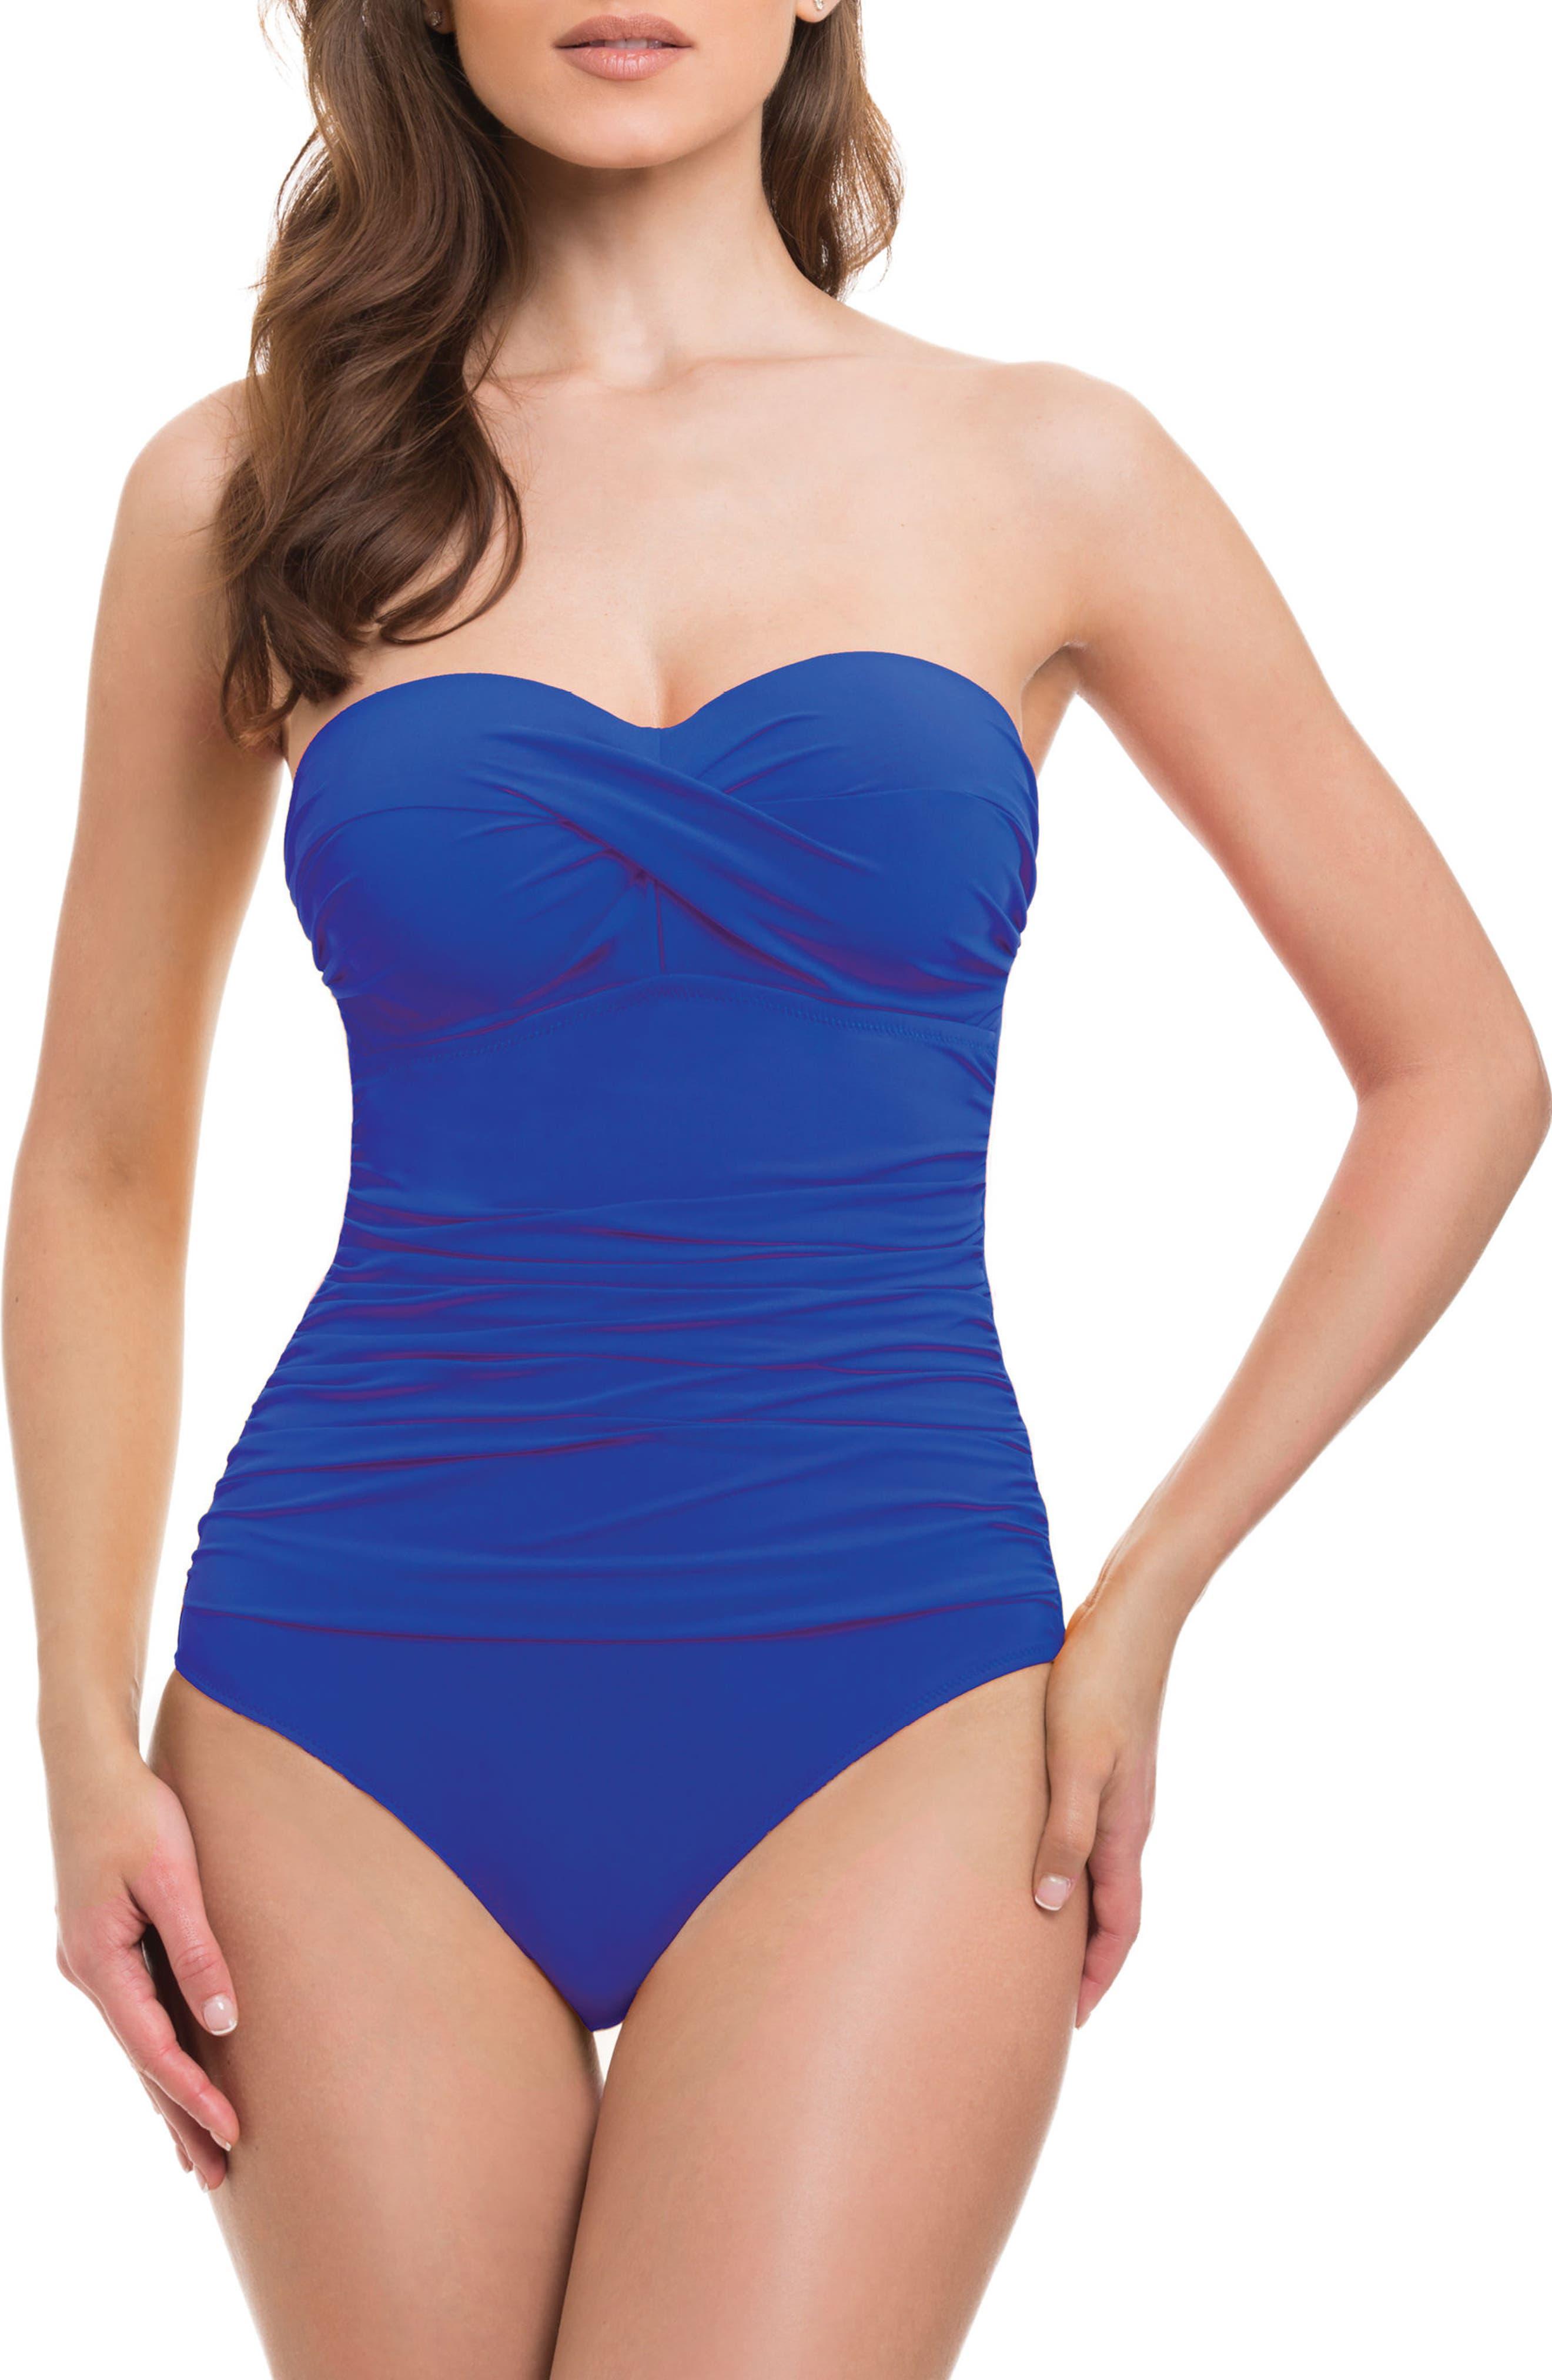 Bandeau One-Piece Swimsuit,                         Main,                         color,